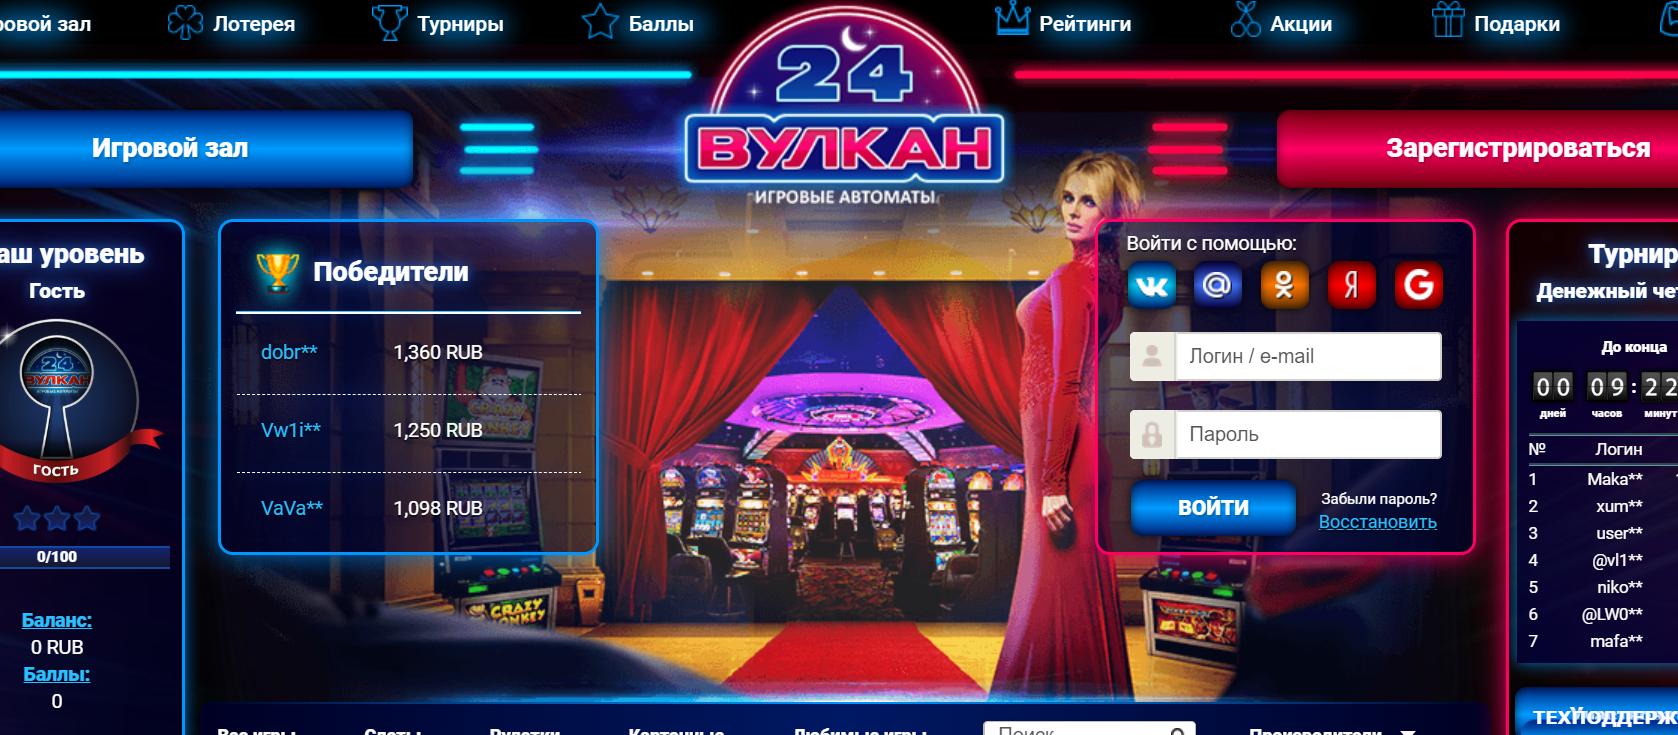 Вы еще не были в казино Вулкан 24? Спешите получить свой первый приз!